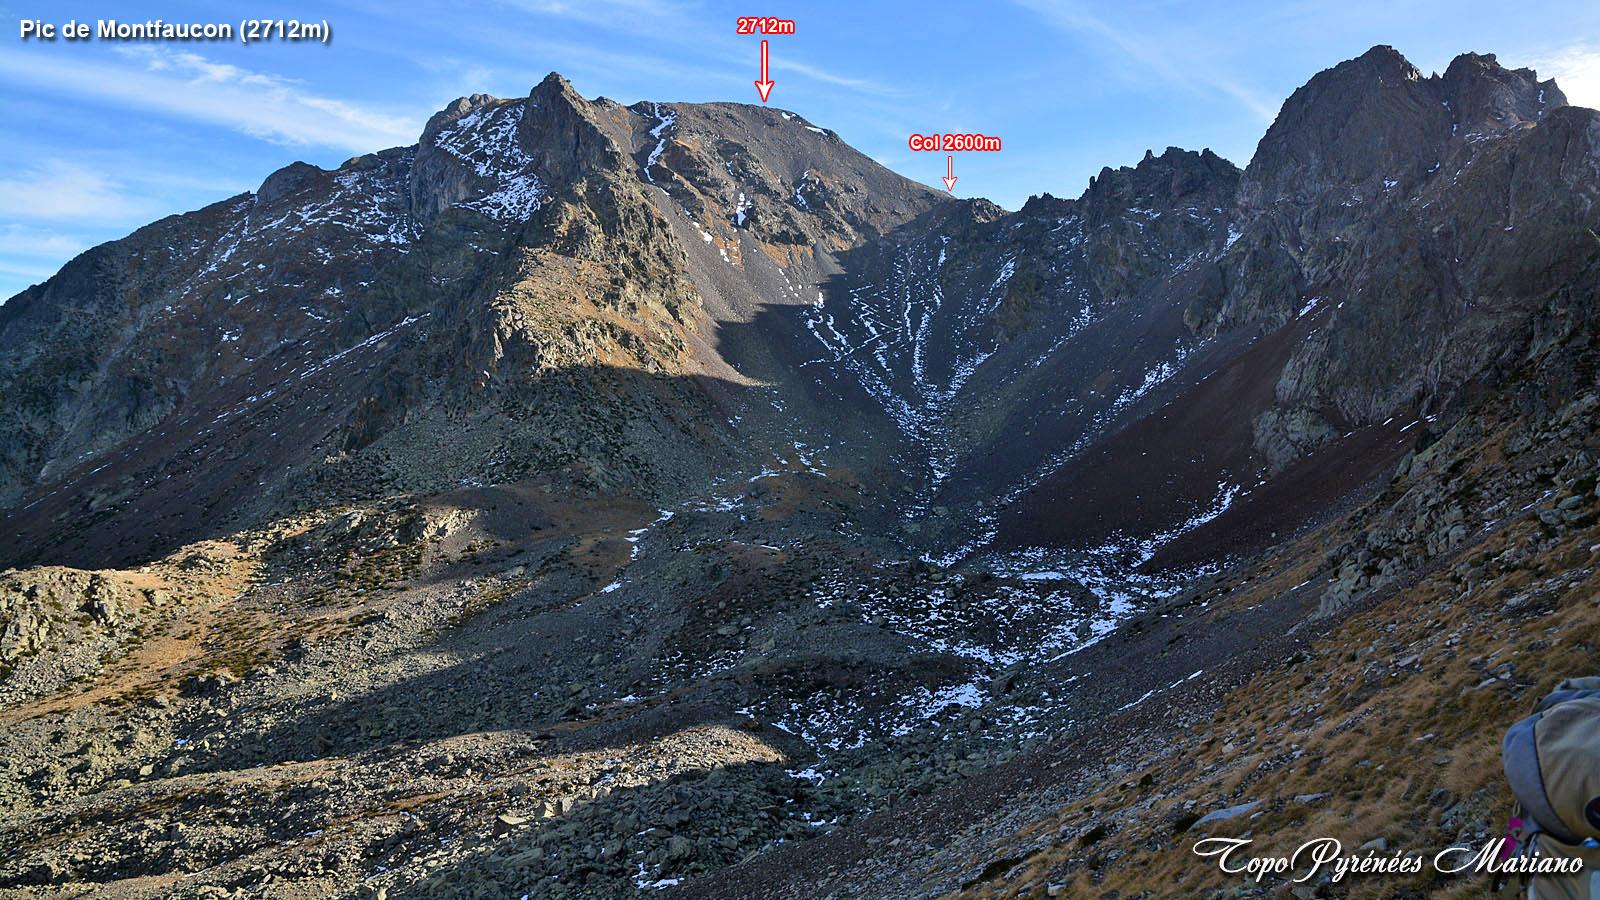 Randonnée Pic de Montfaucon (2712m)